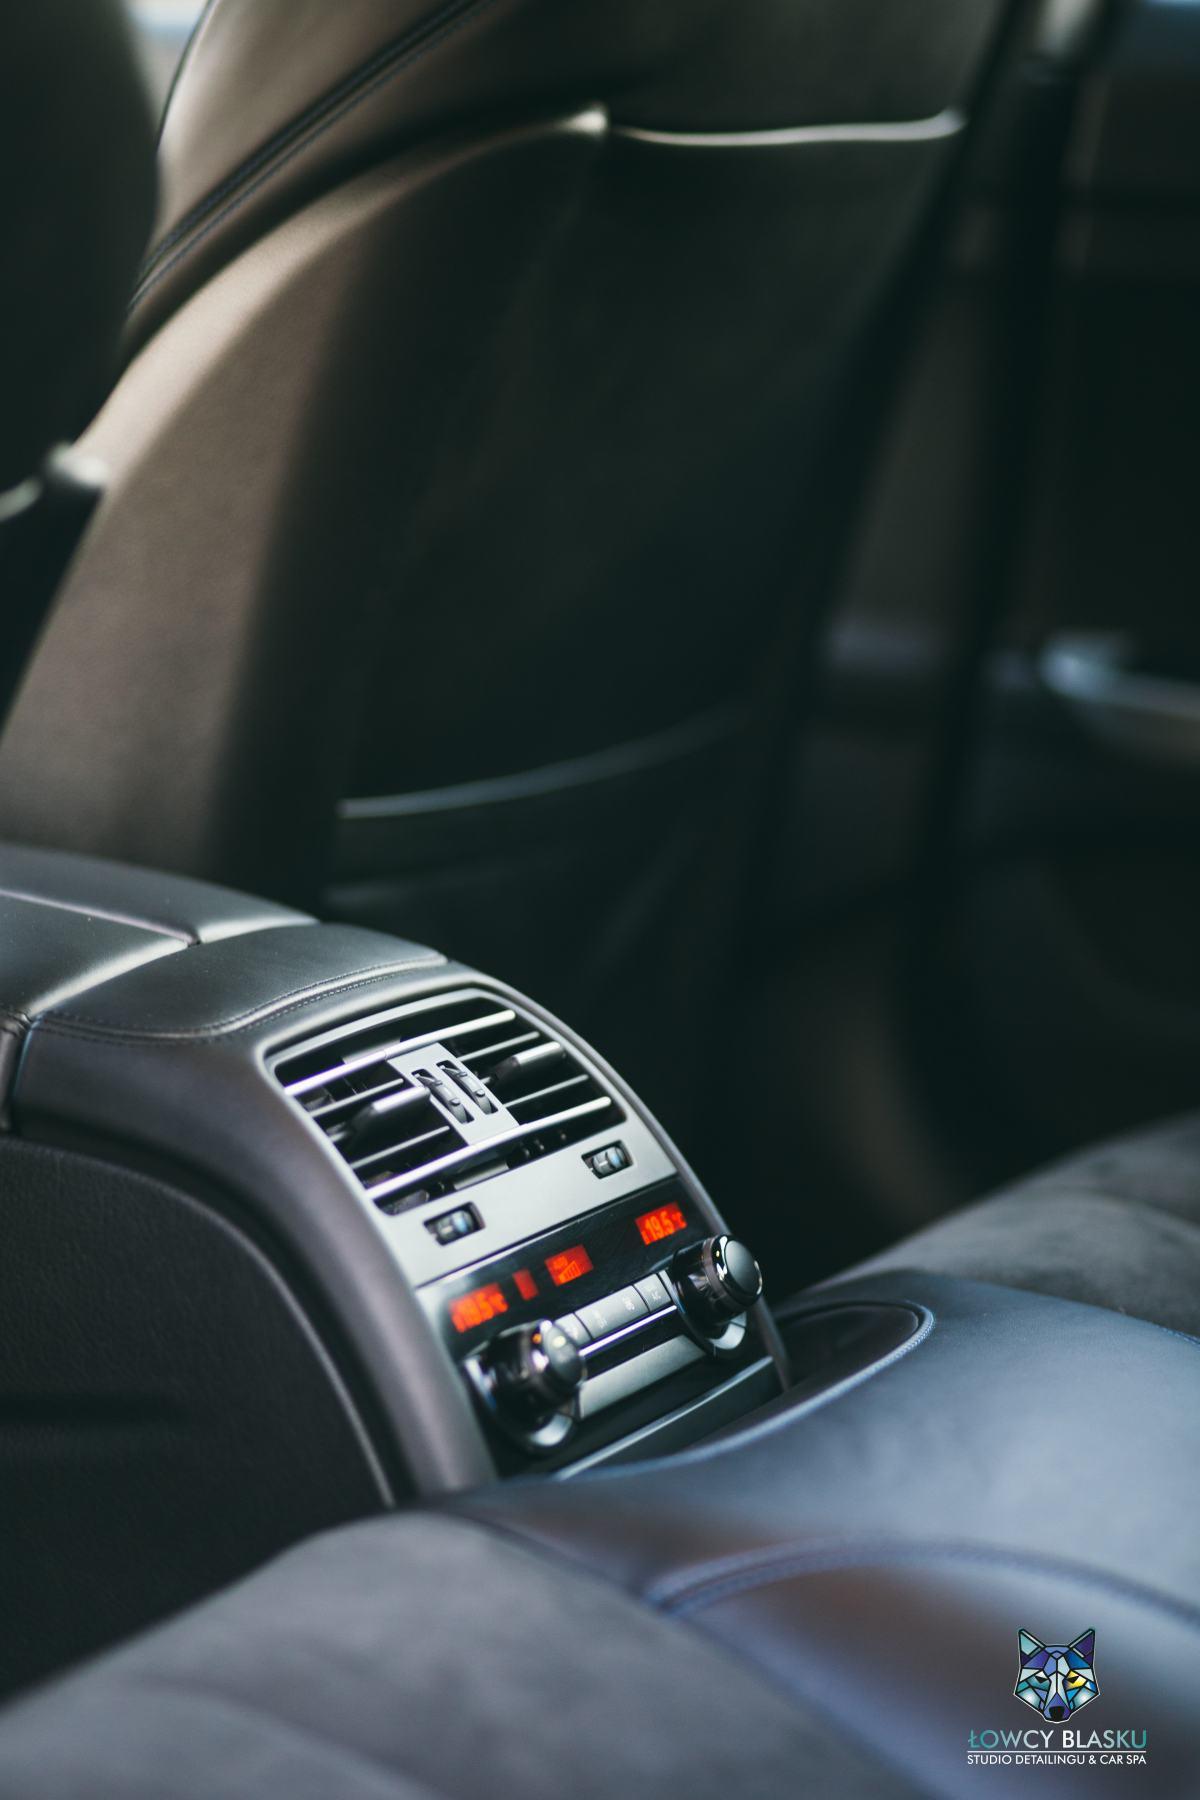 realizacje-auto-detailing-czyszczenie-auta